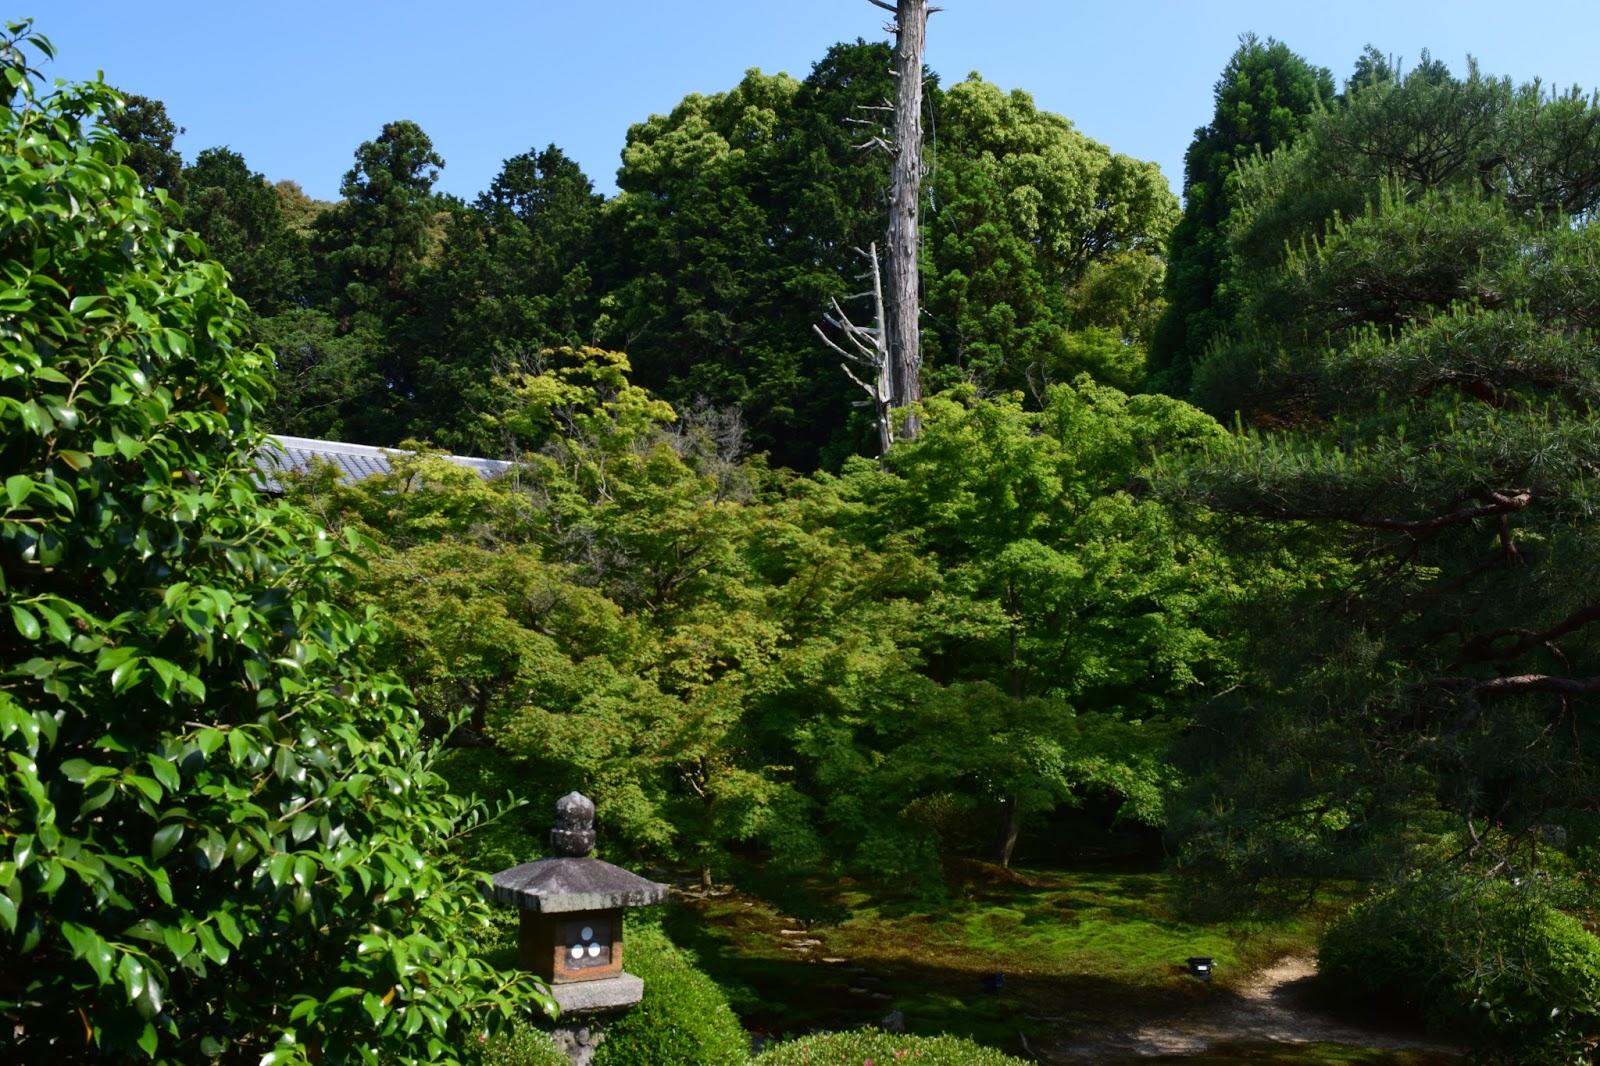 Unryuuin Garden